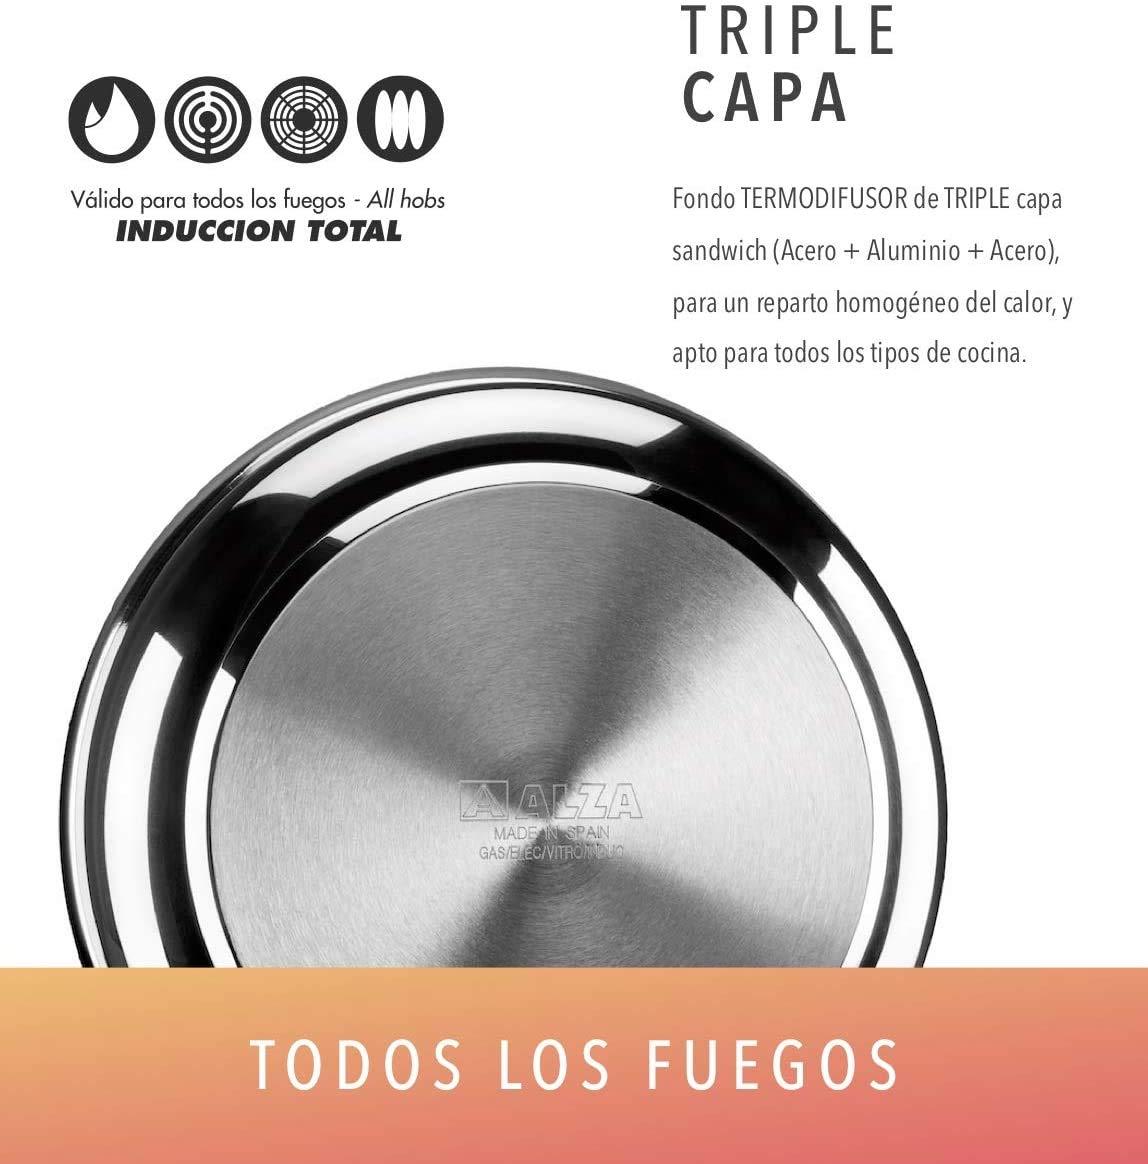 PAELLERA ALZA CLASSIC MASTER. PAELLERA fabricada en acero inoxidable 18/10, antiadherente triple capa, apta para todo tipo de cocina, INDUCCIÓN. Fácil Limpieza. Apto para lavavajillas. 28cm: Amazon.es: Hogar